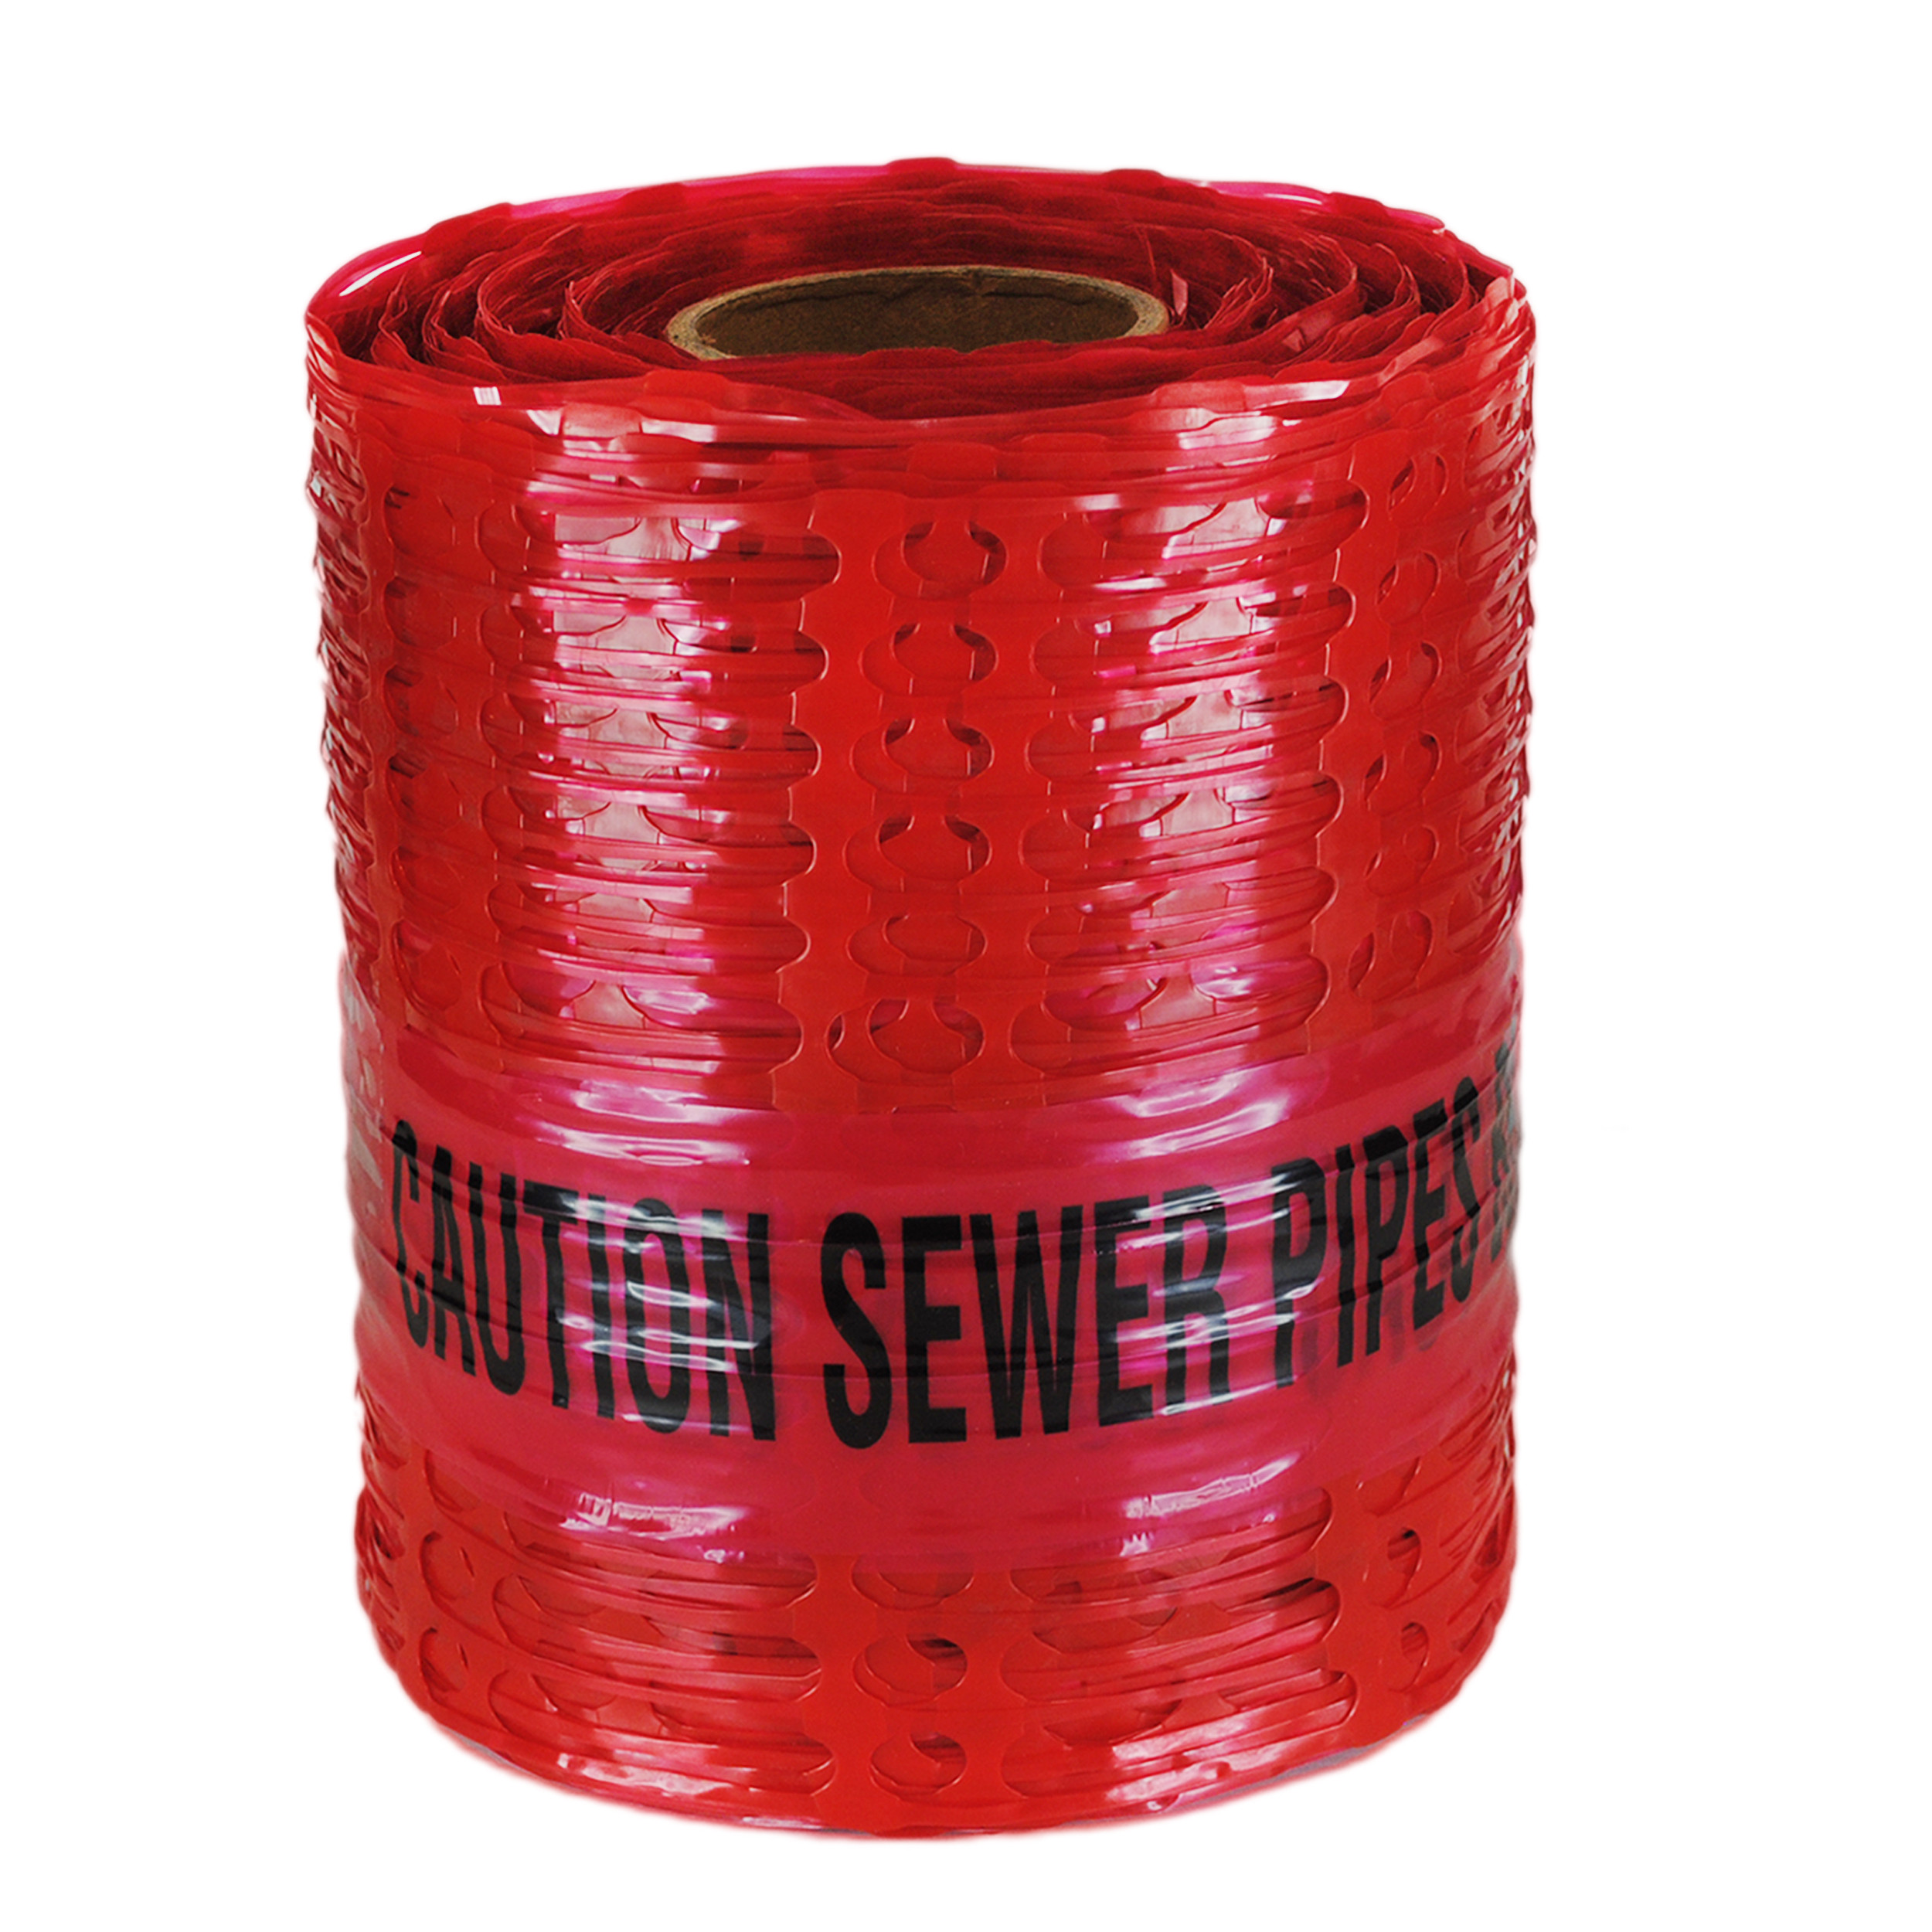 Caution Sewer Pipe Below Detectamesh Warning Tape.